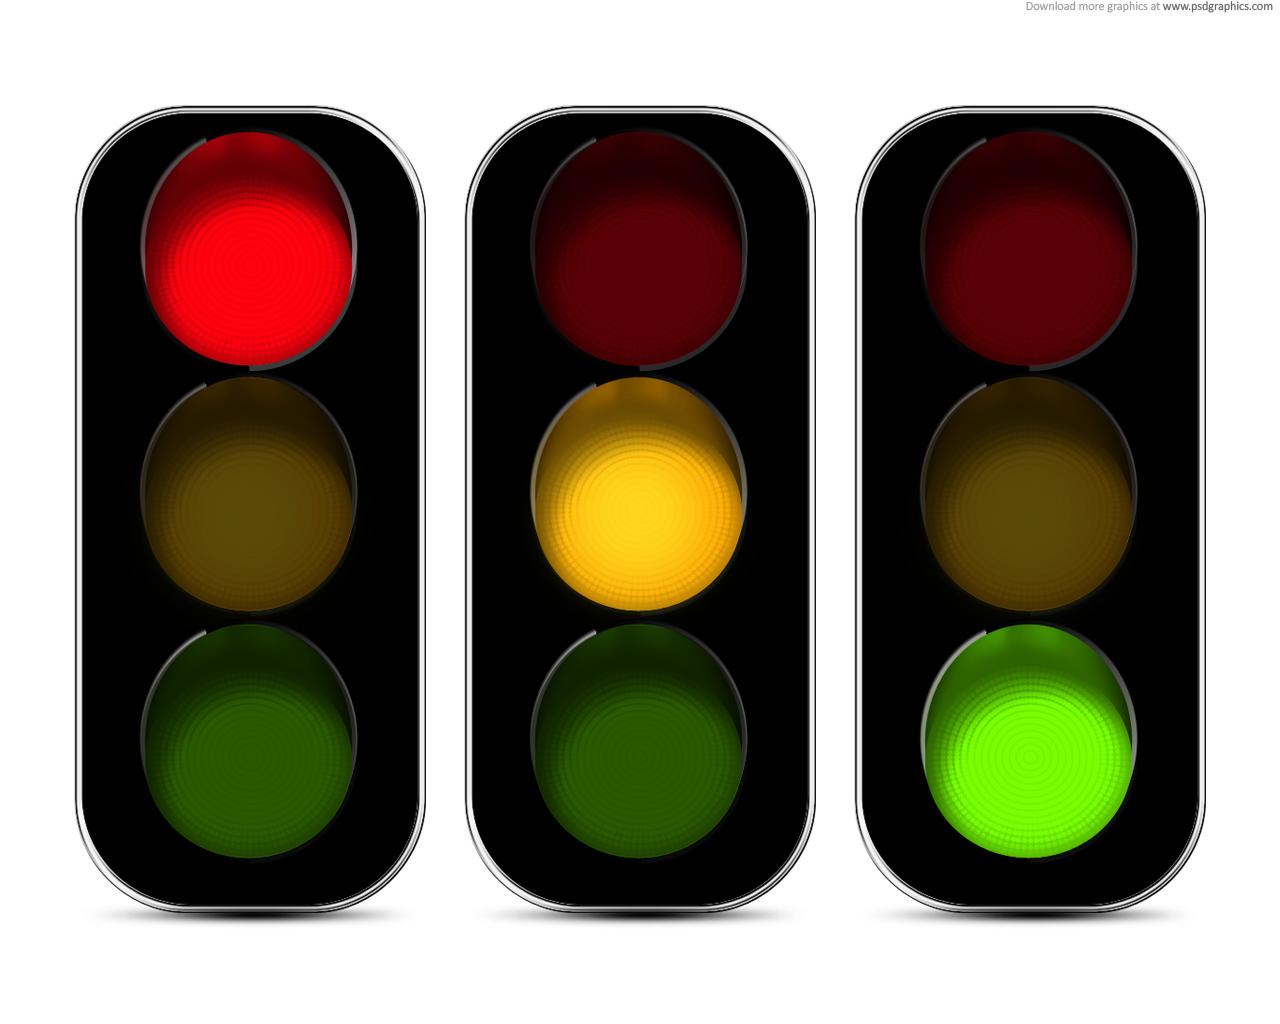 1280x1024 Traffic Light Clipart Traffic Signal